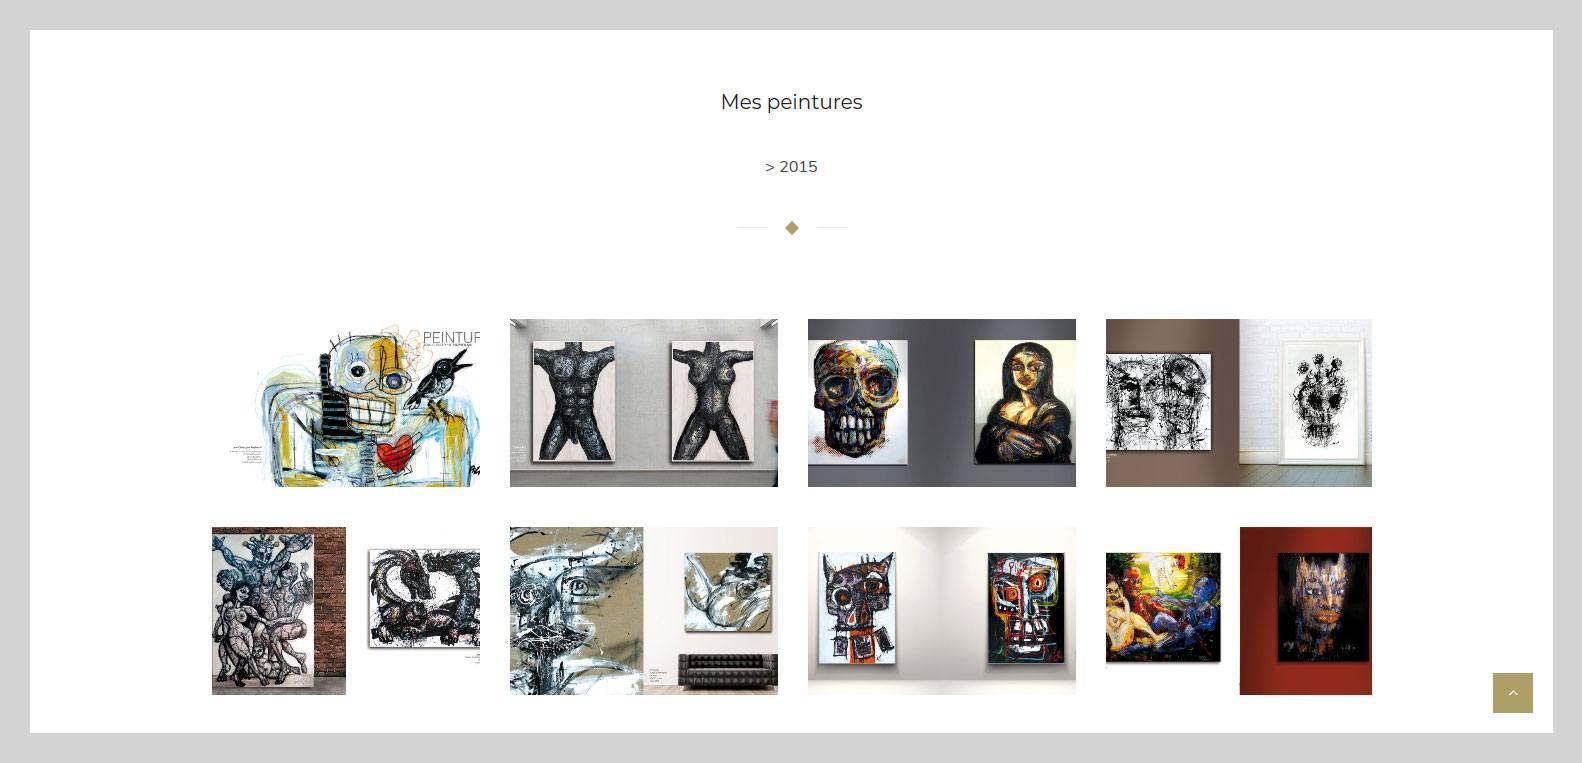 Les peintures de przybylsky, artiste qui à fait confiance à Karedess agency, agence web de Mulhouse